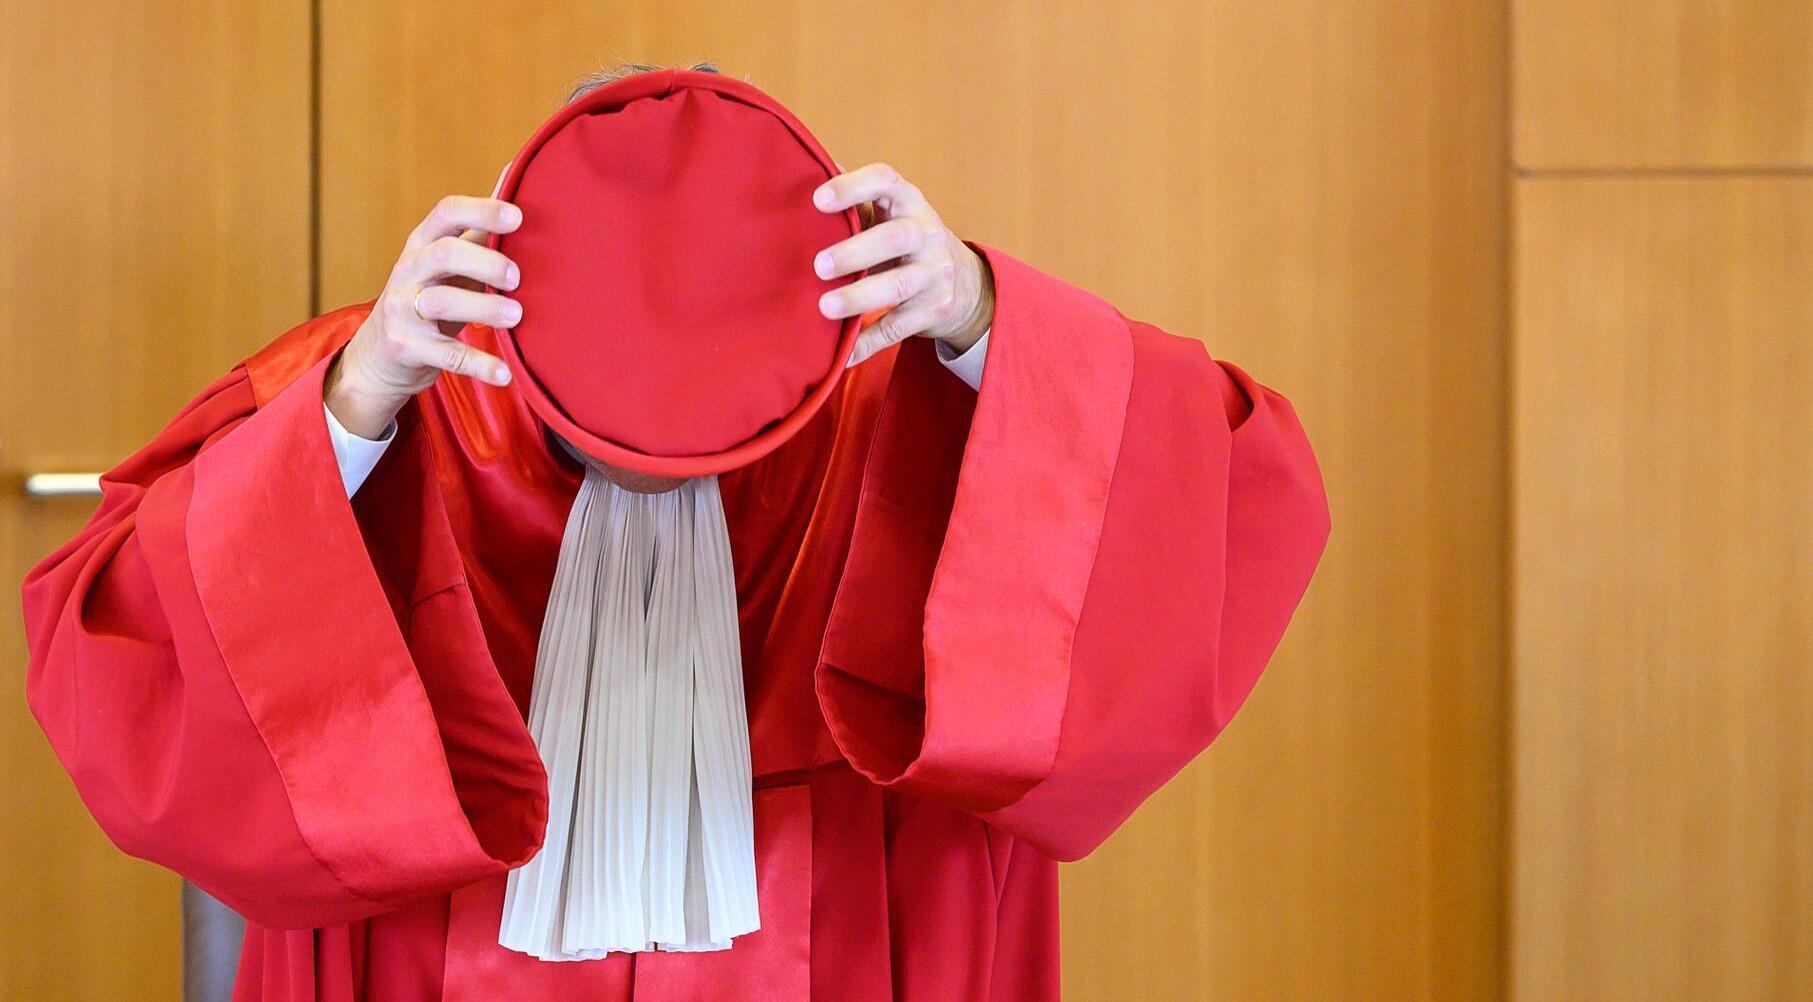 Bild zu Andreas Vosskuhle, Bundesverfassungsgericht, Kopfbedeckung